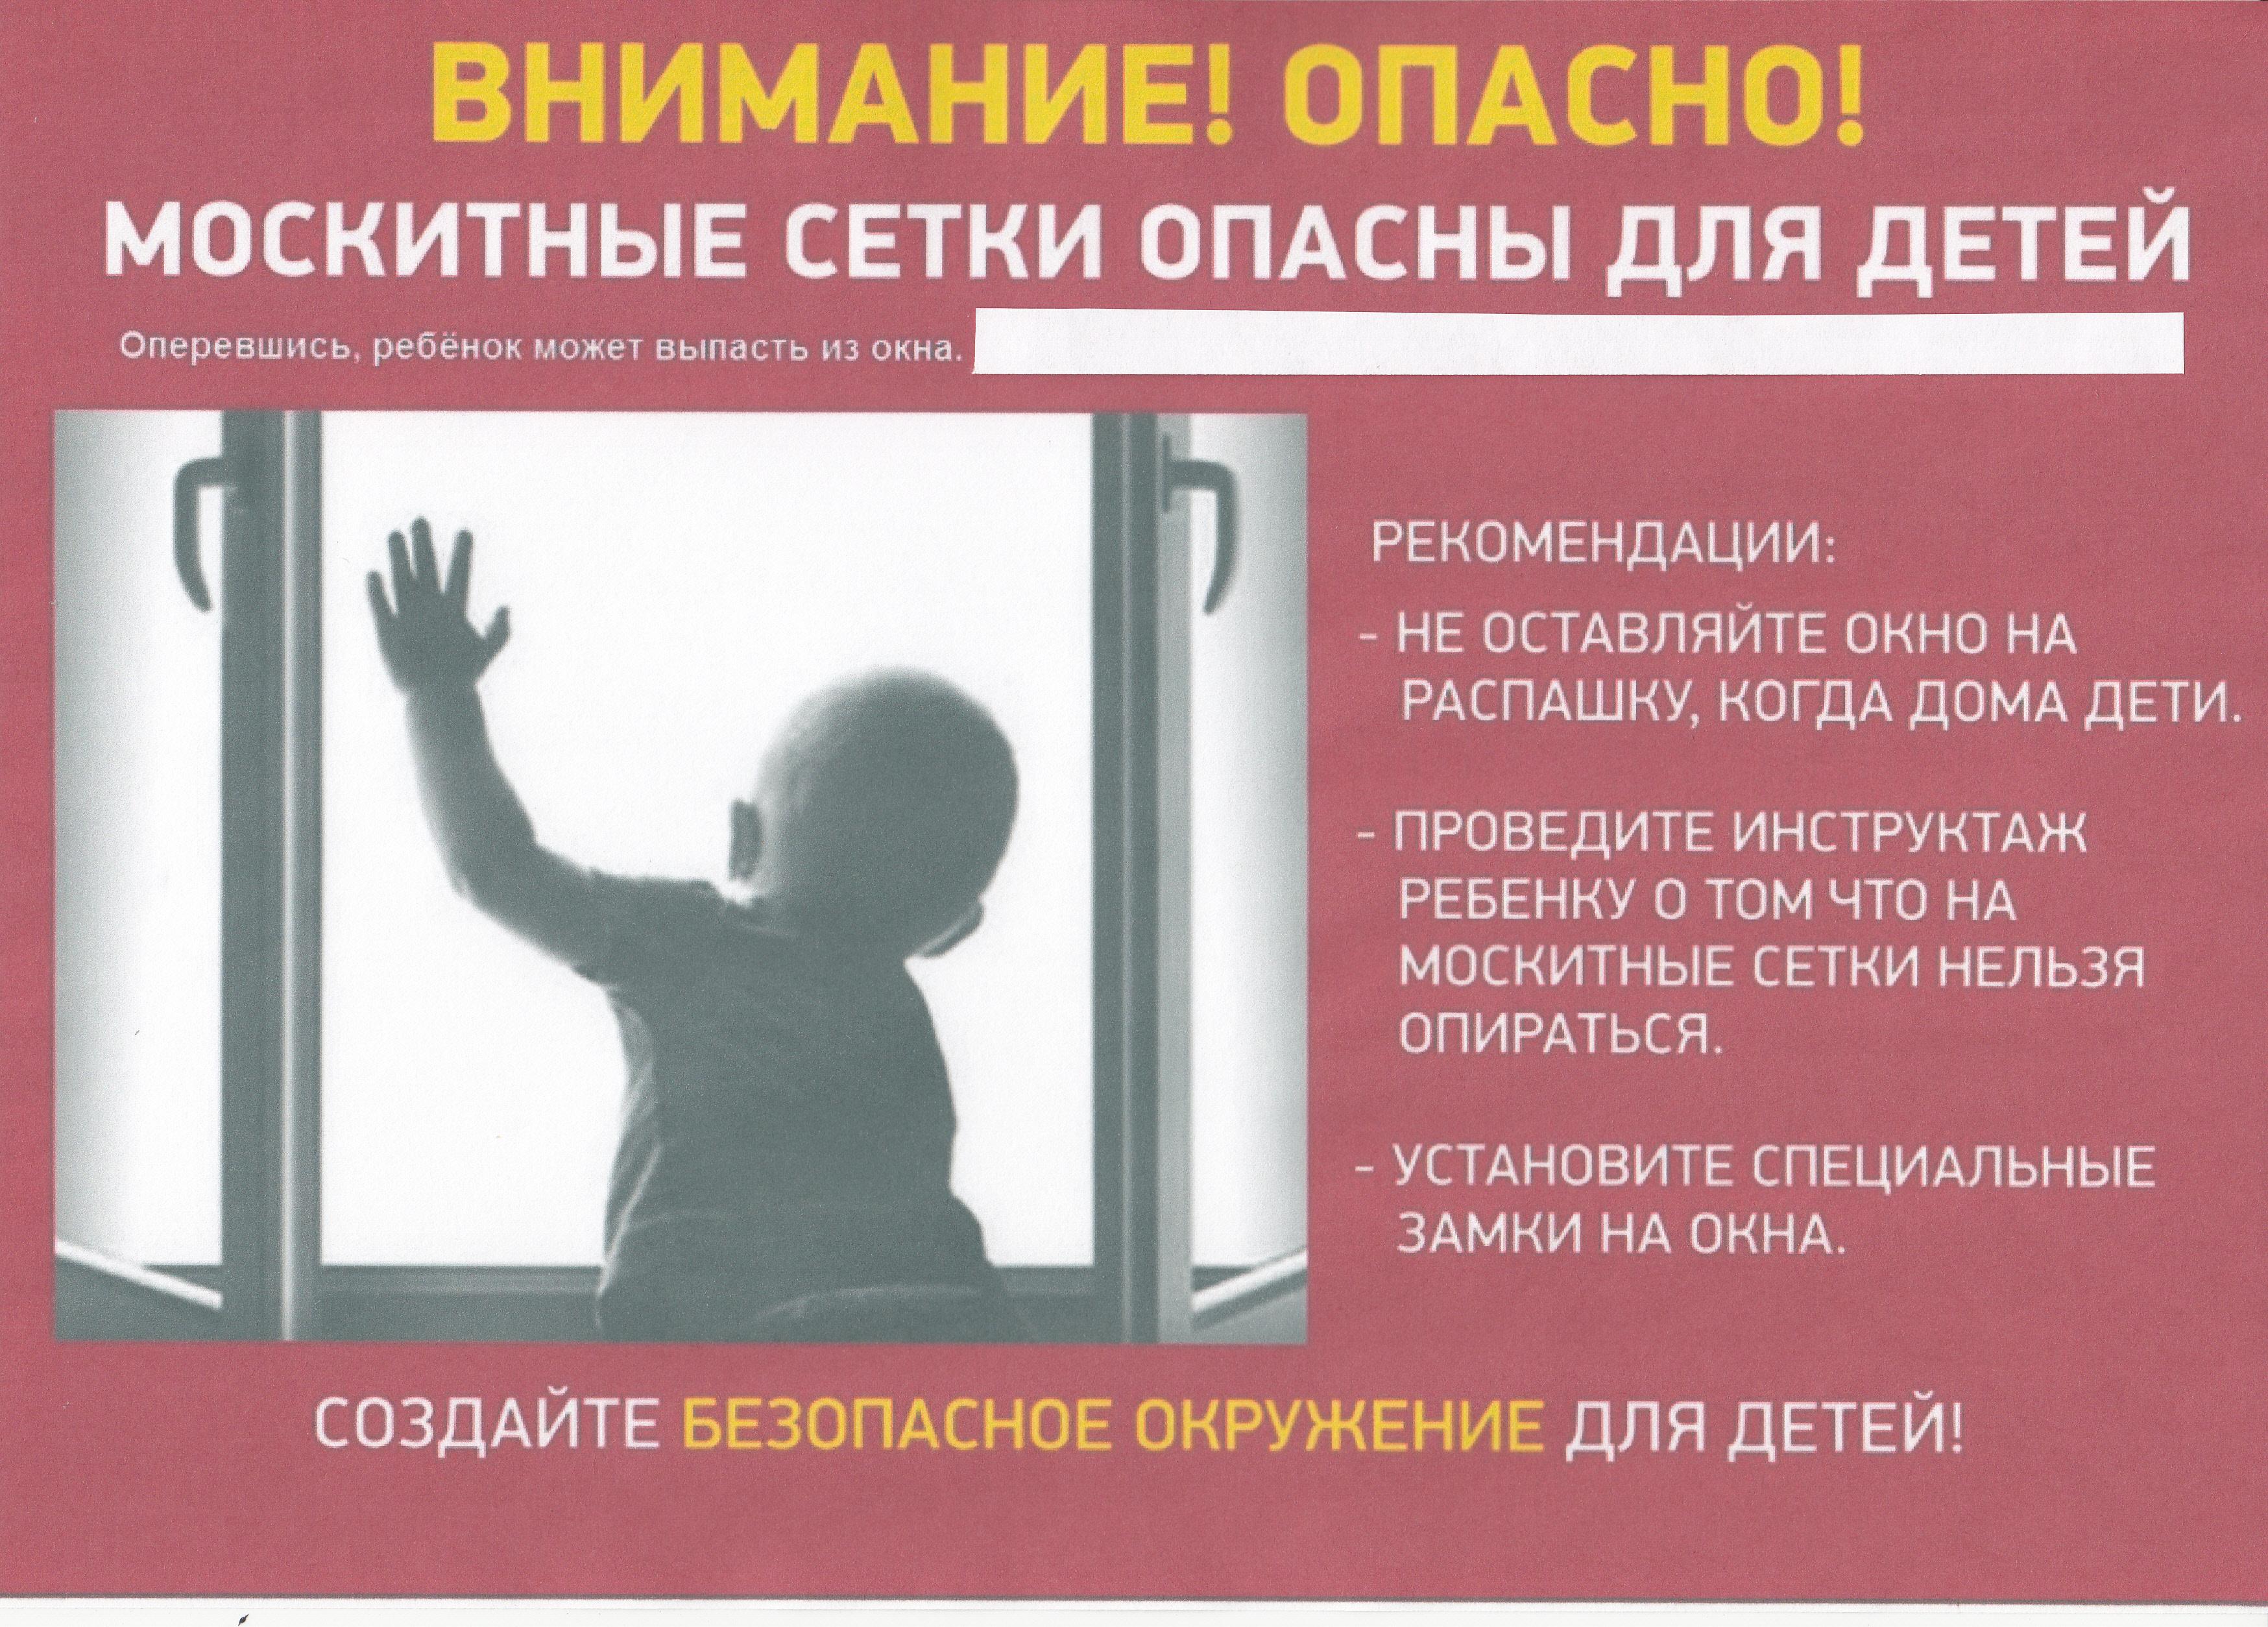 Памятка об опасности оставления детей бе